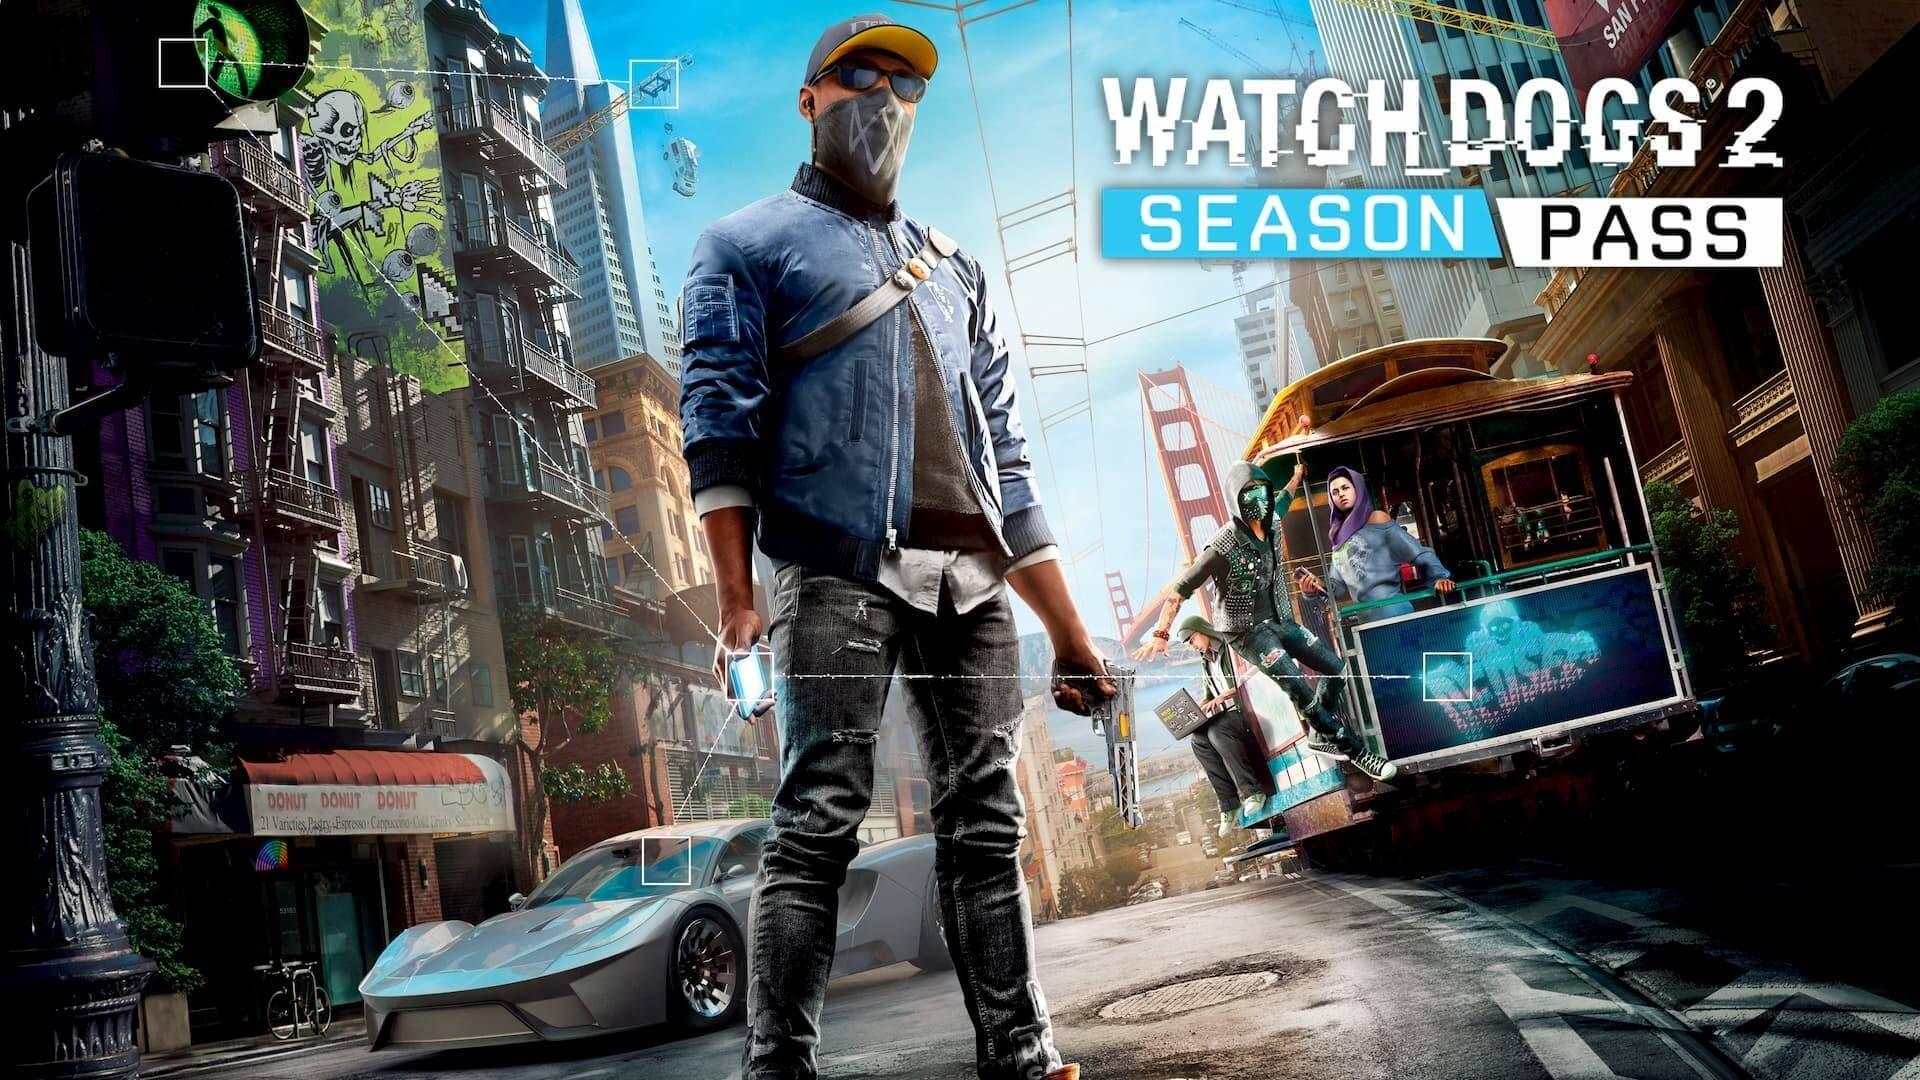 Запущена большая распродажа дополнительного контента для игр Ubisoft